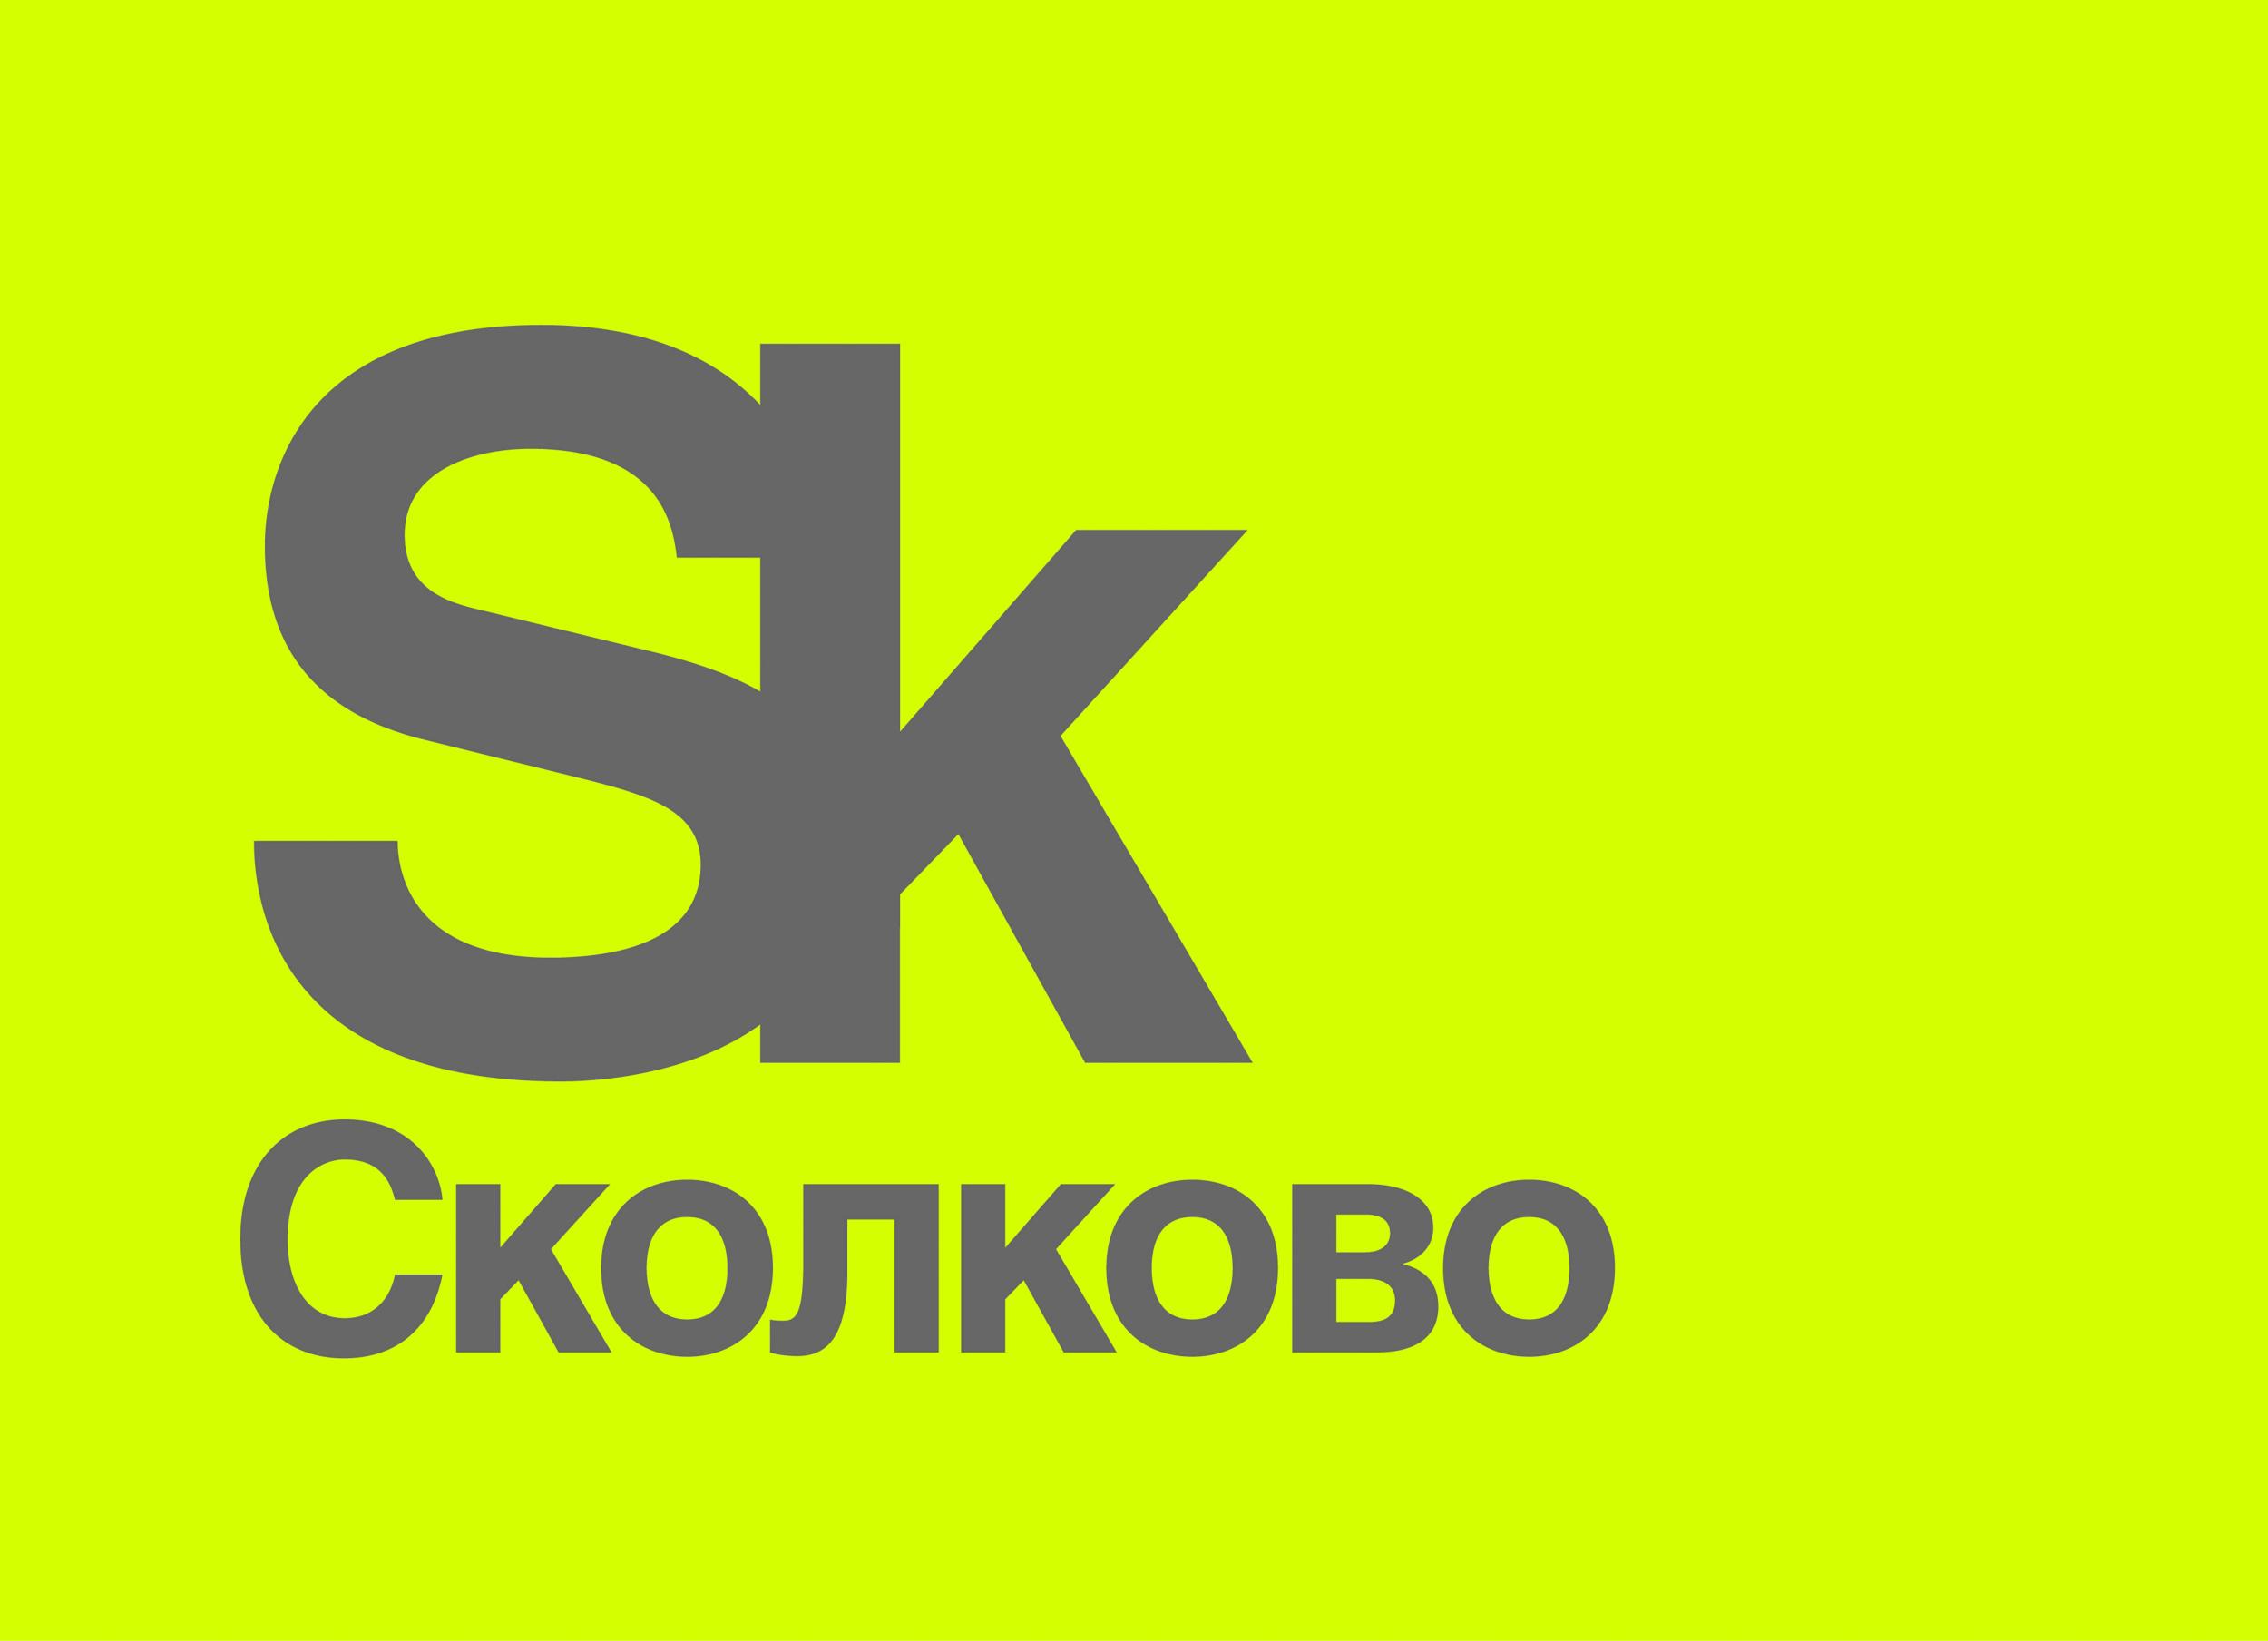 Skolkovo-logo_eng.jpg